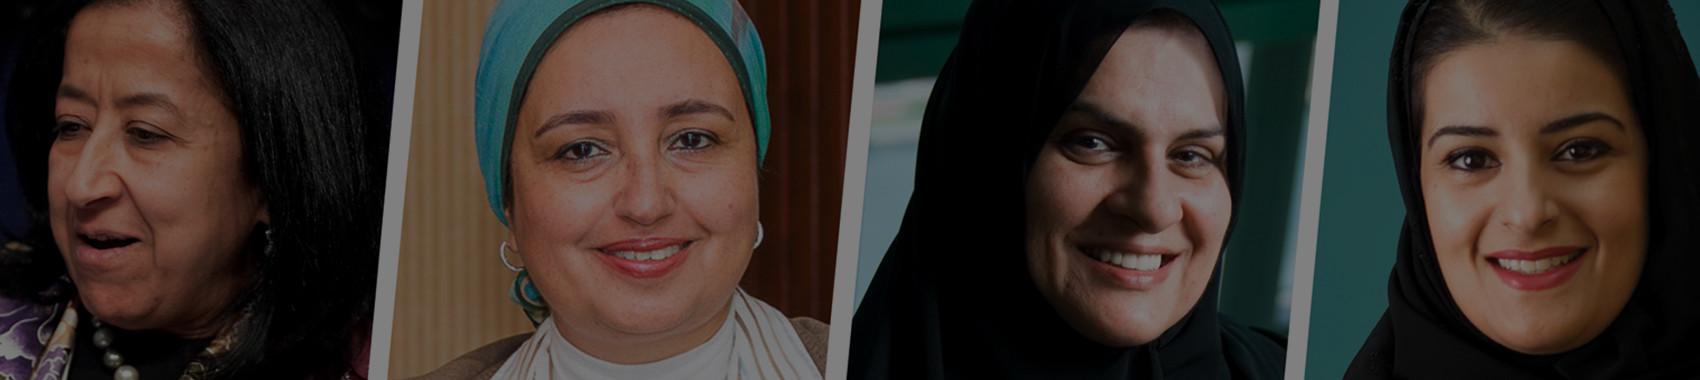 200 Most Powerful Arab Women